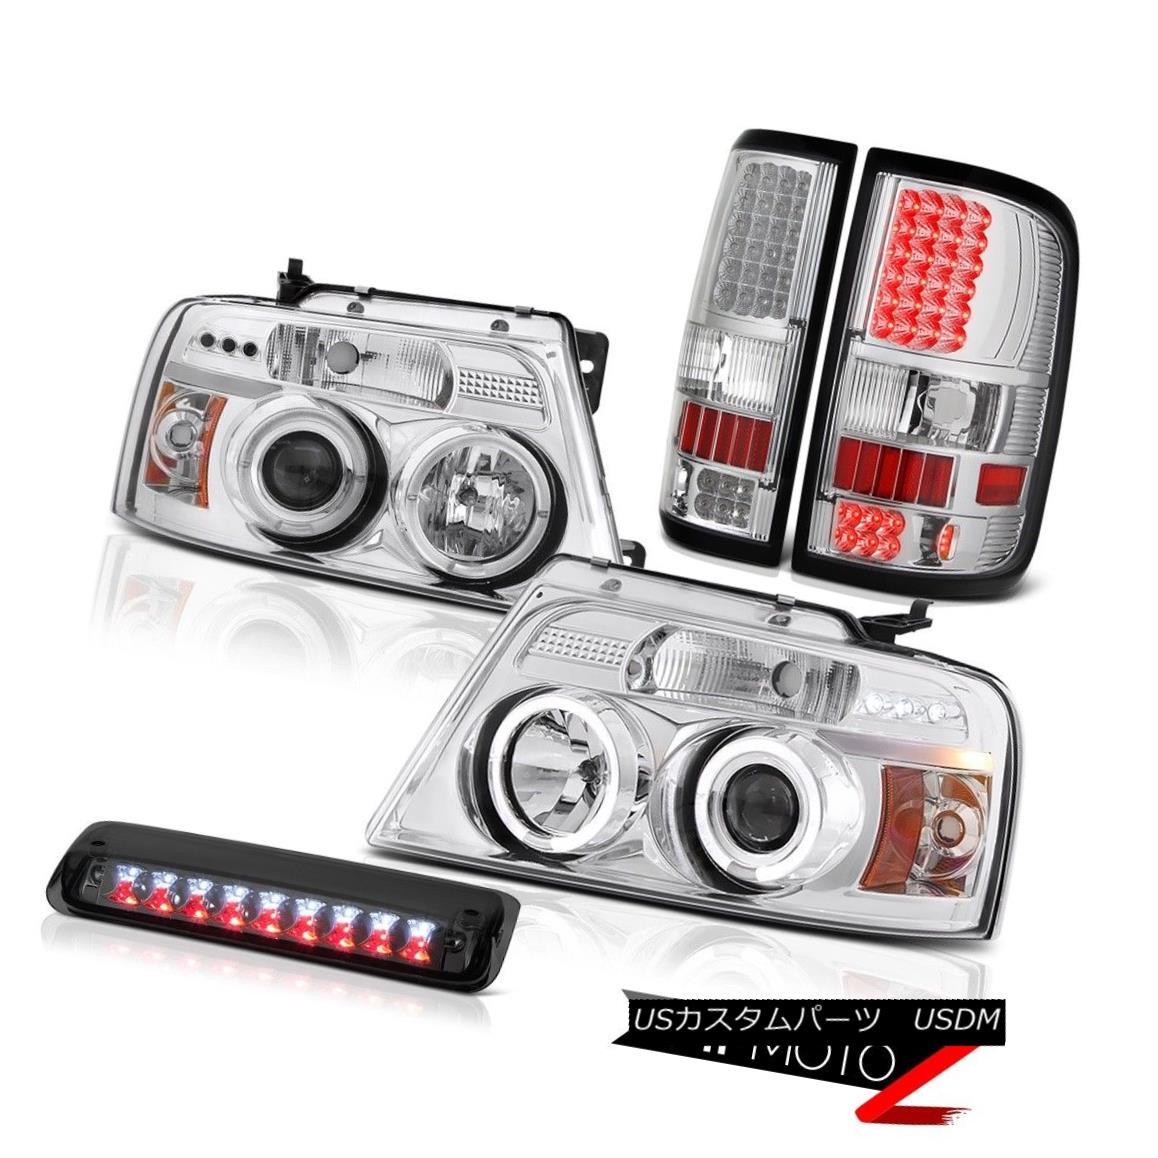 テールライト 04 05 06 07 08 Ford F150 STX 3RD Brake Lamp Rear Lights Headlights